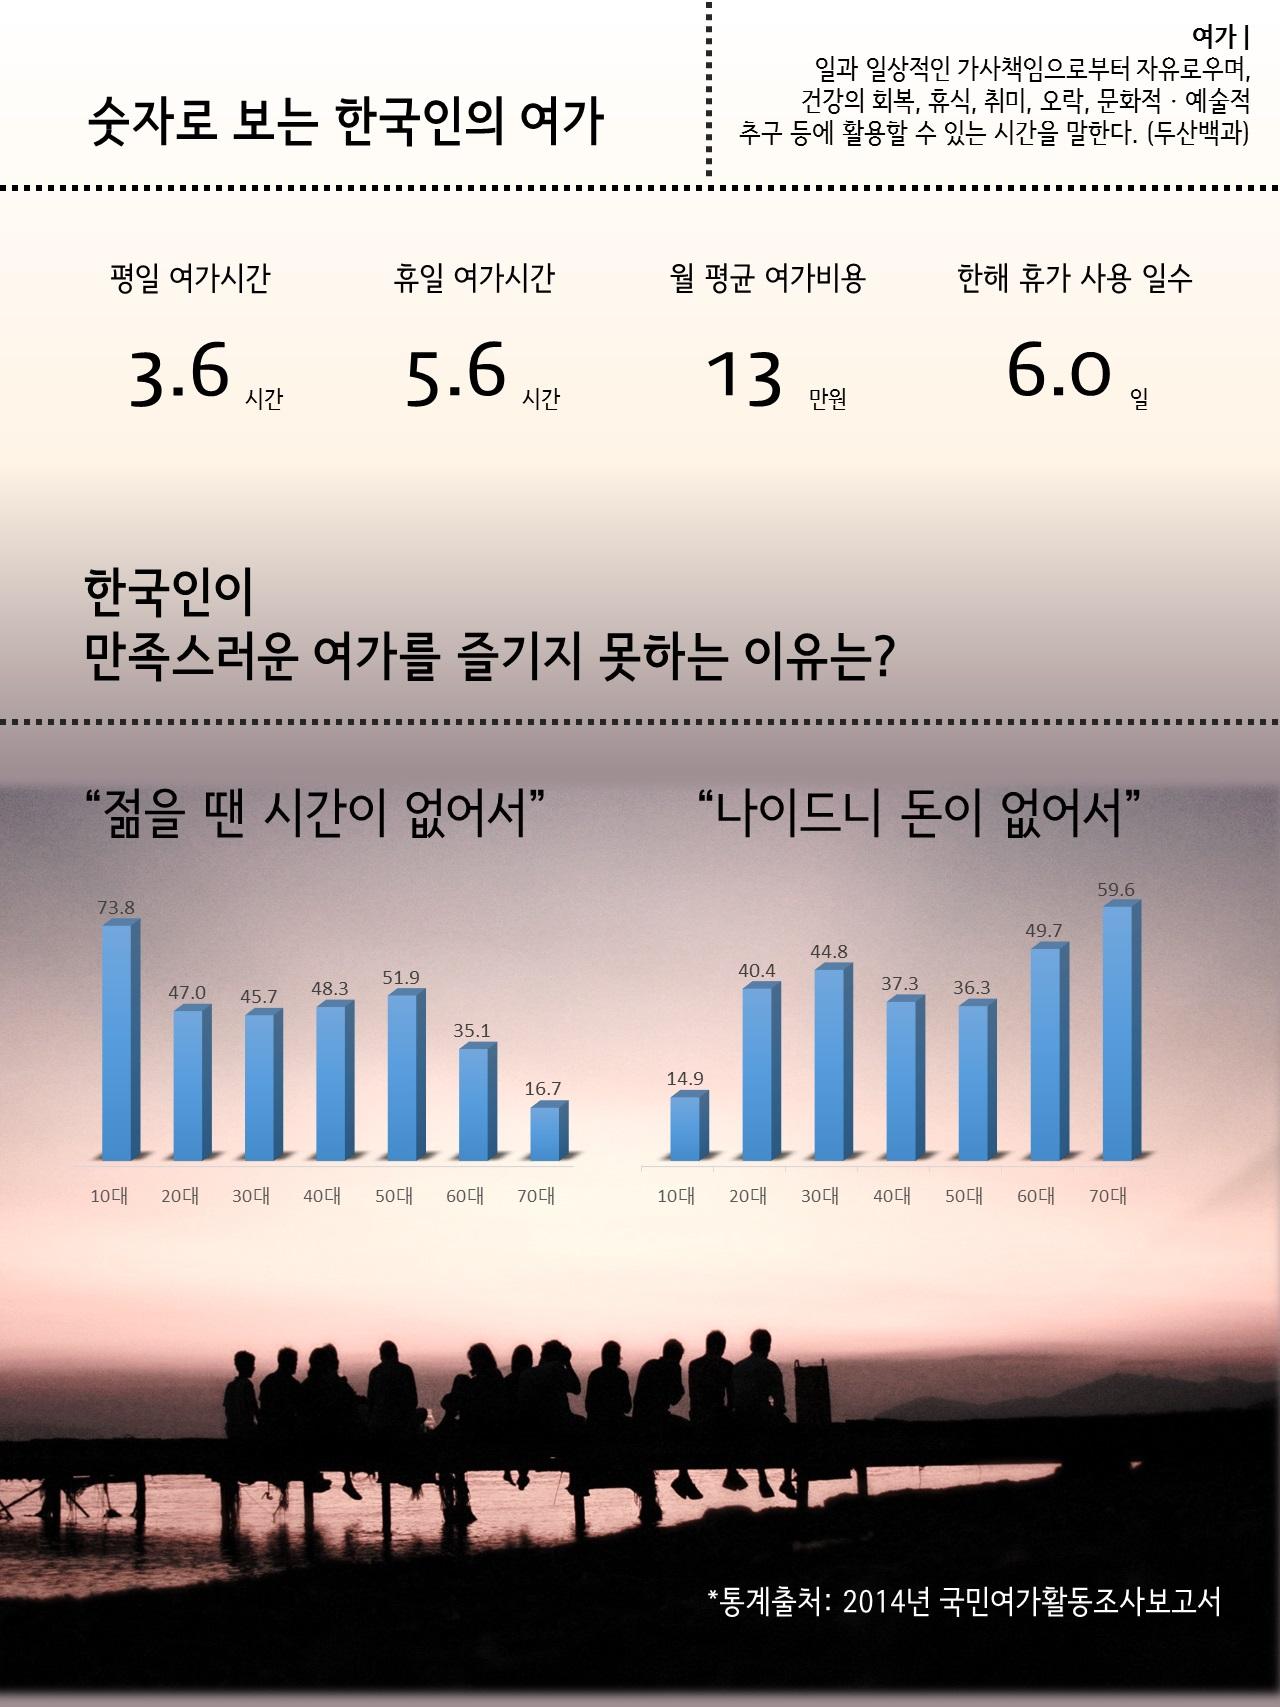 자료 출처 : 2014 국민여가활동조사보고서